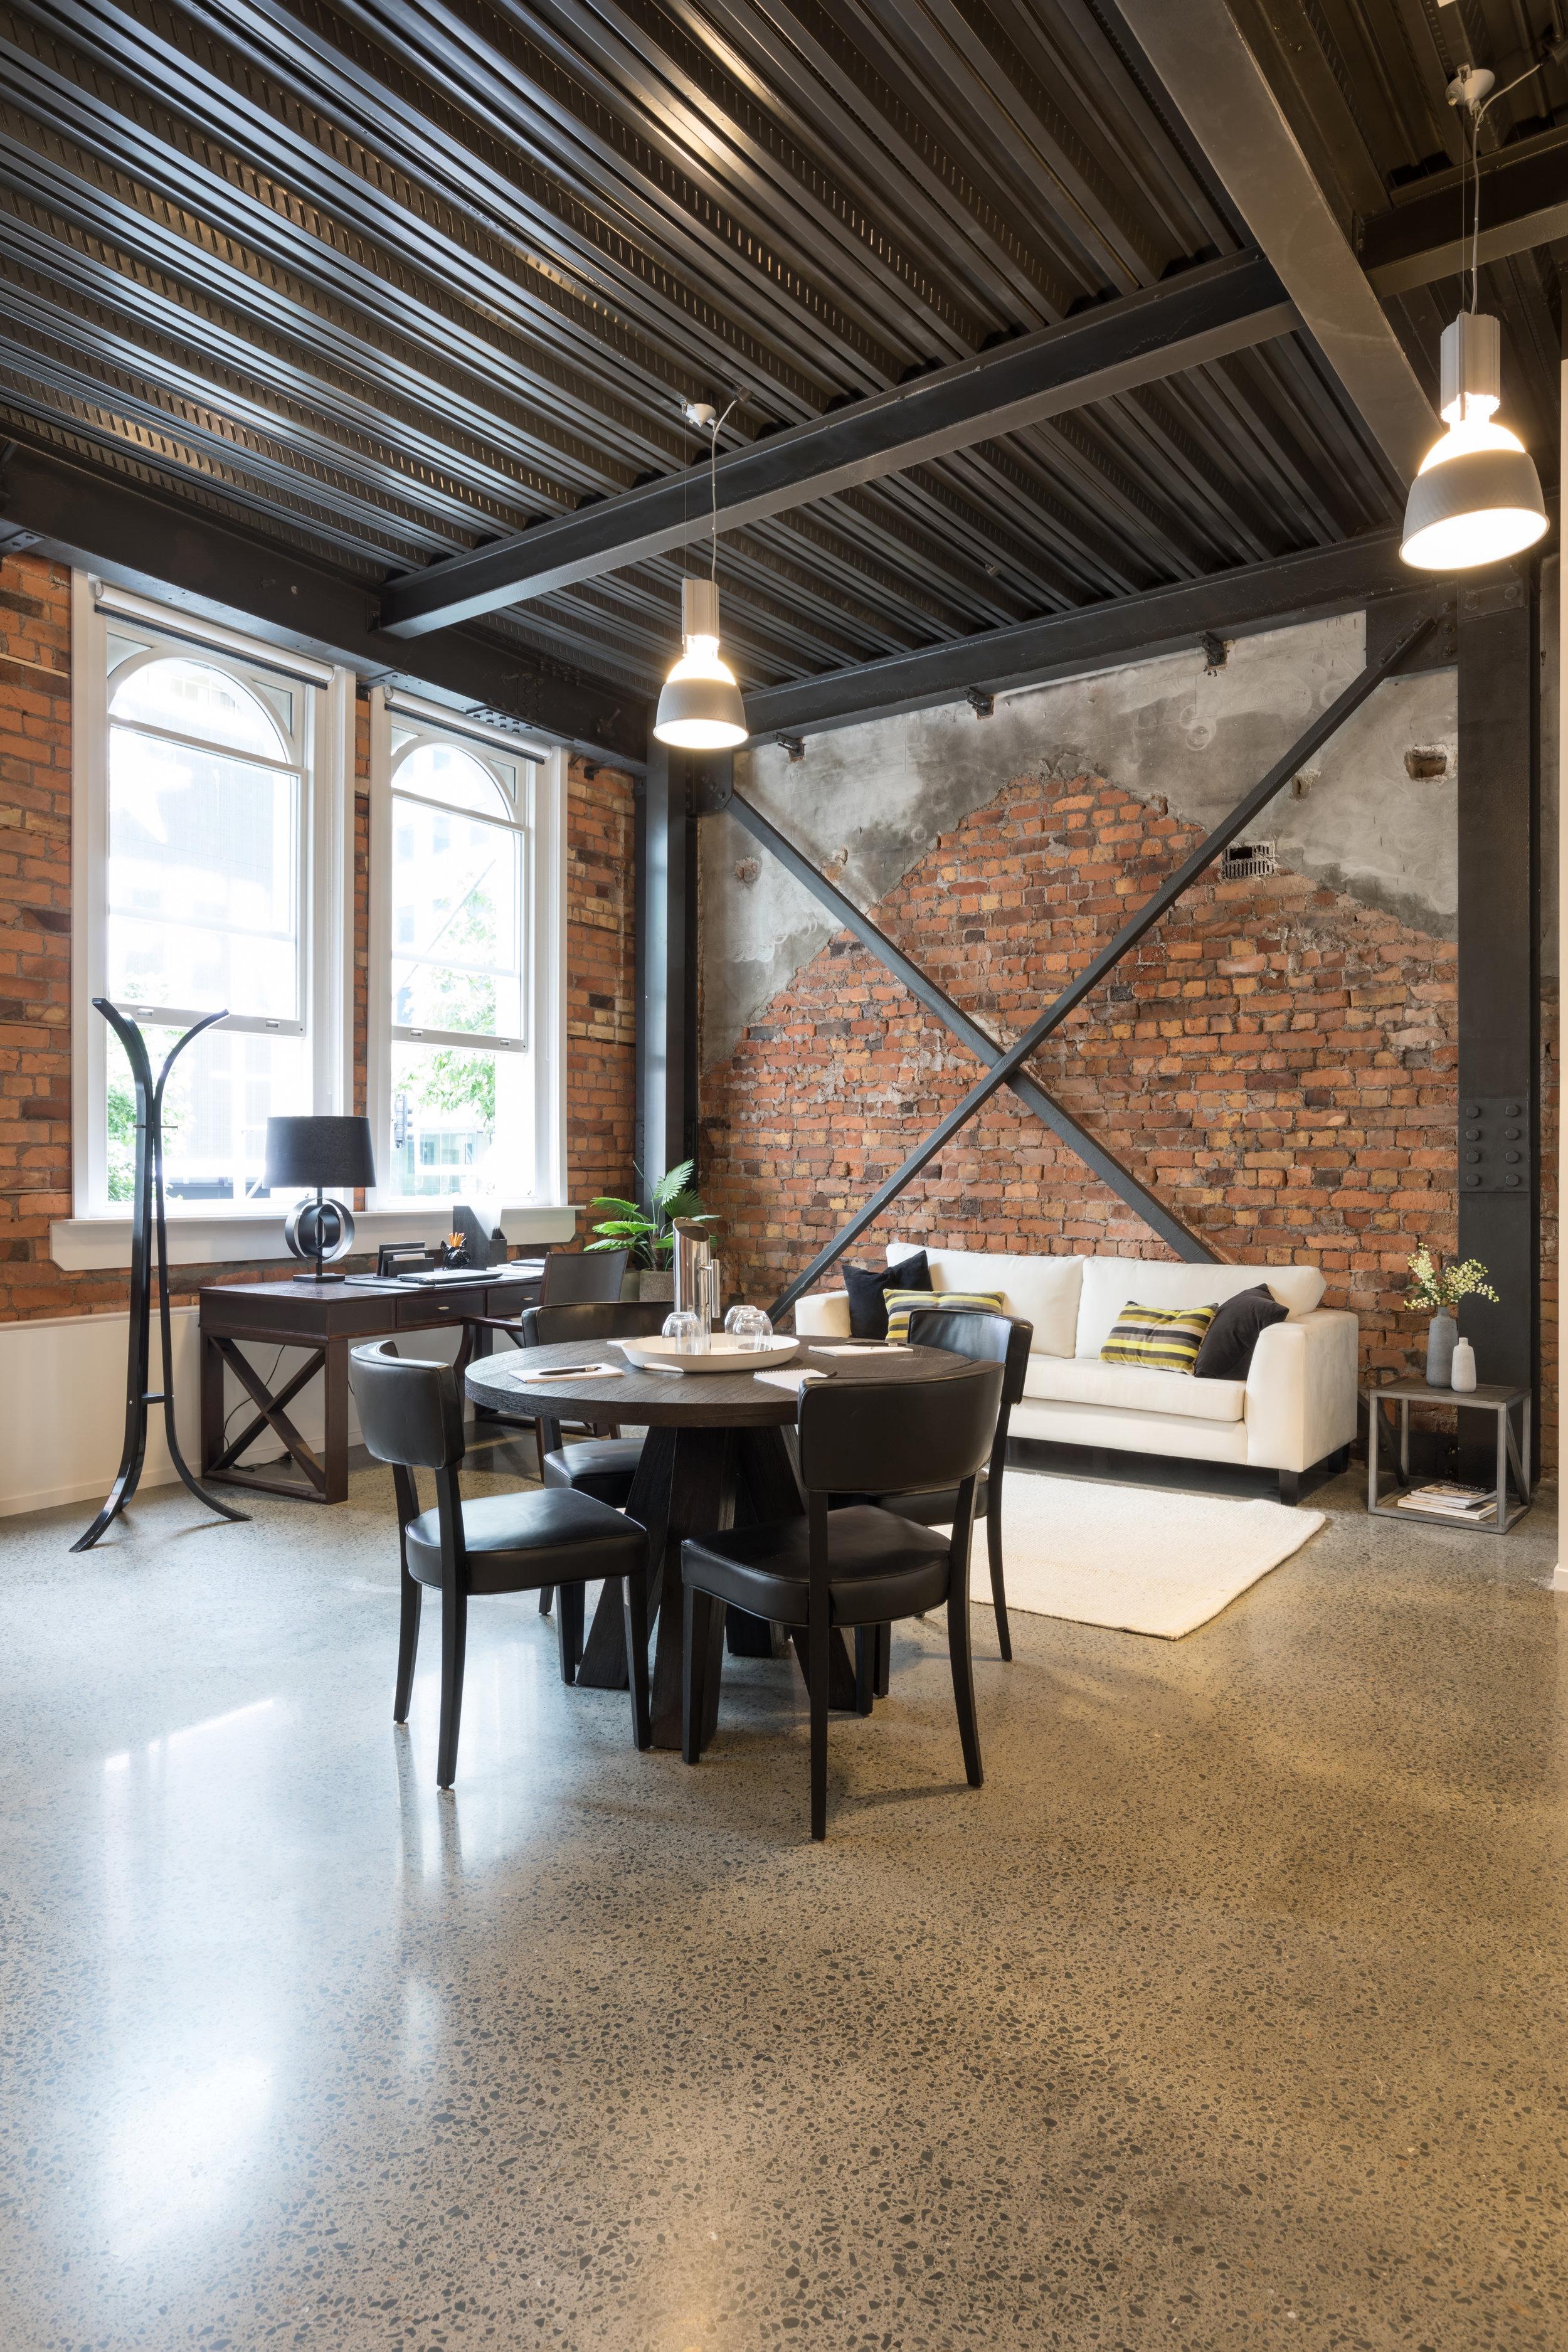 Industrial Interior 94-96 Queen Street